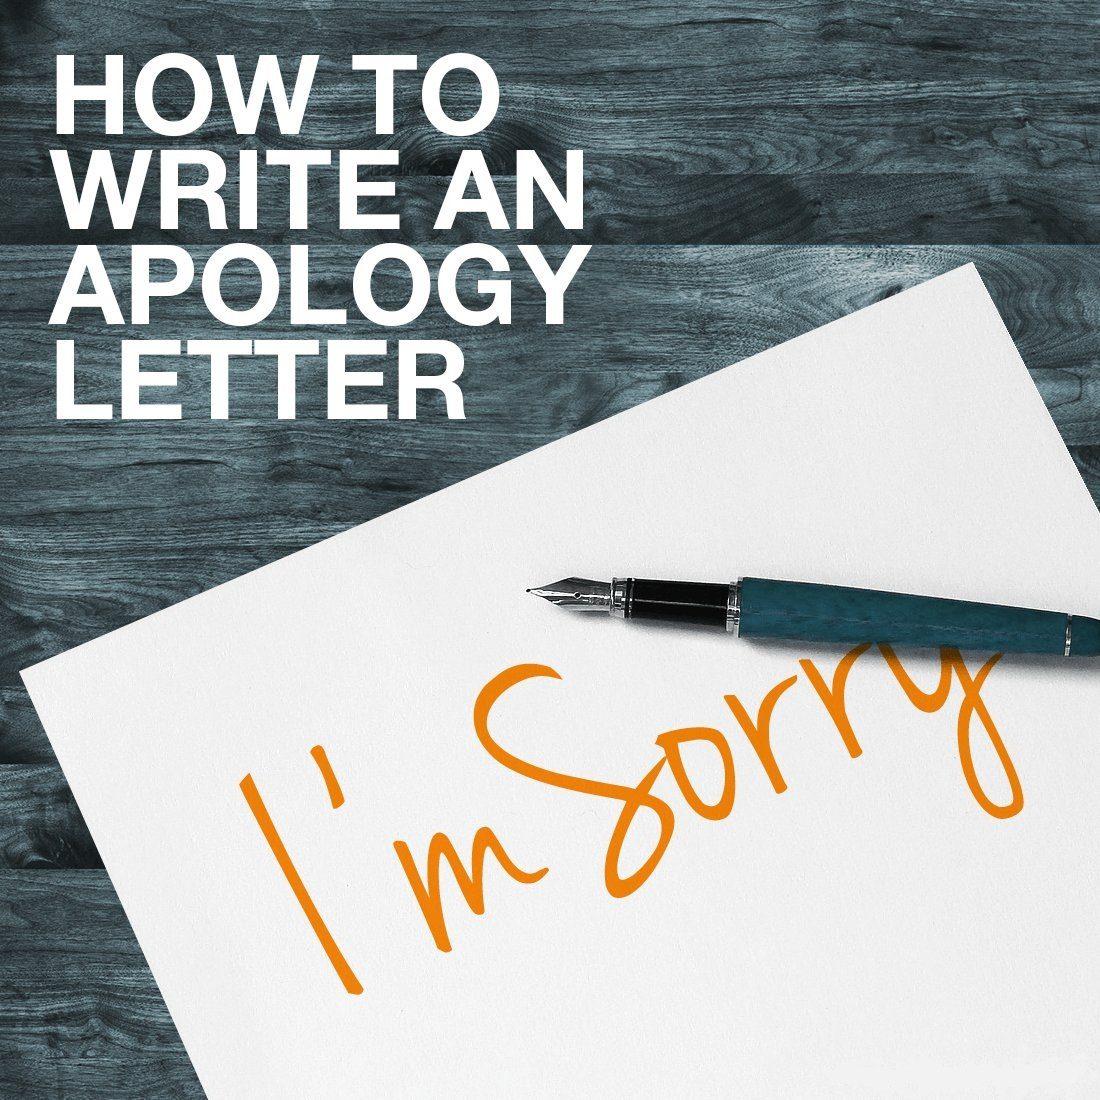 Bí quyết viết thư xin lỗi bằng tiếng Anh vừa chuẩn vừa xúc động